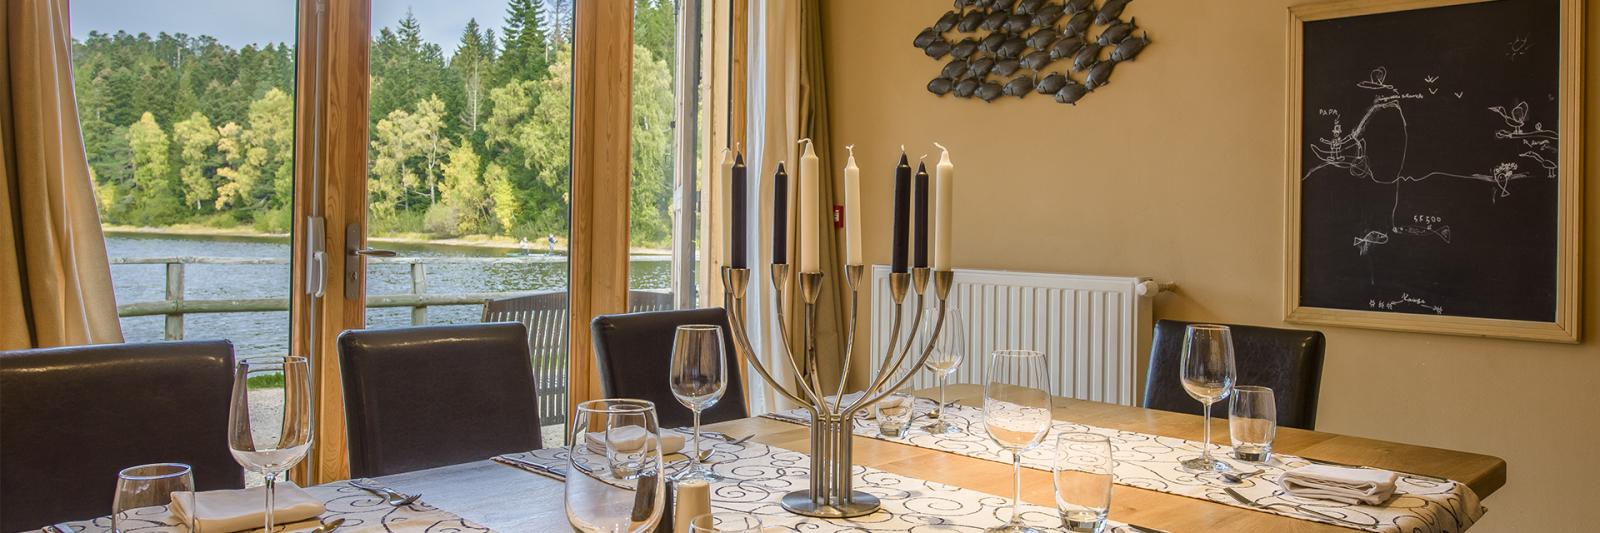 Table d'hôtes de la maison du lac de Malaguet